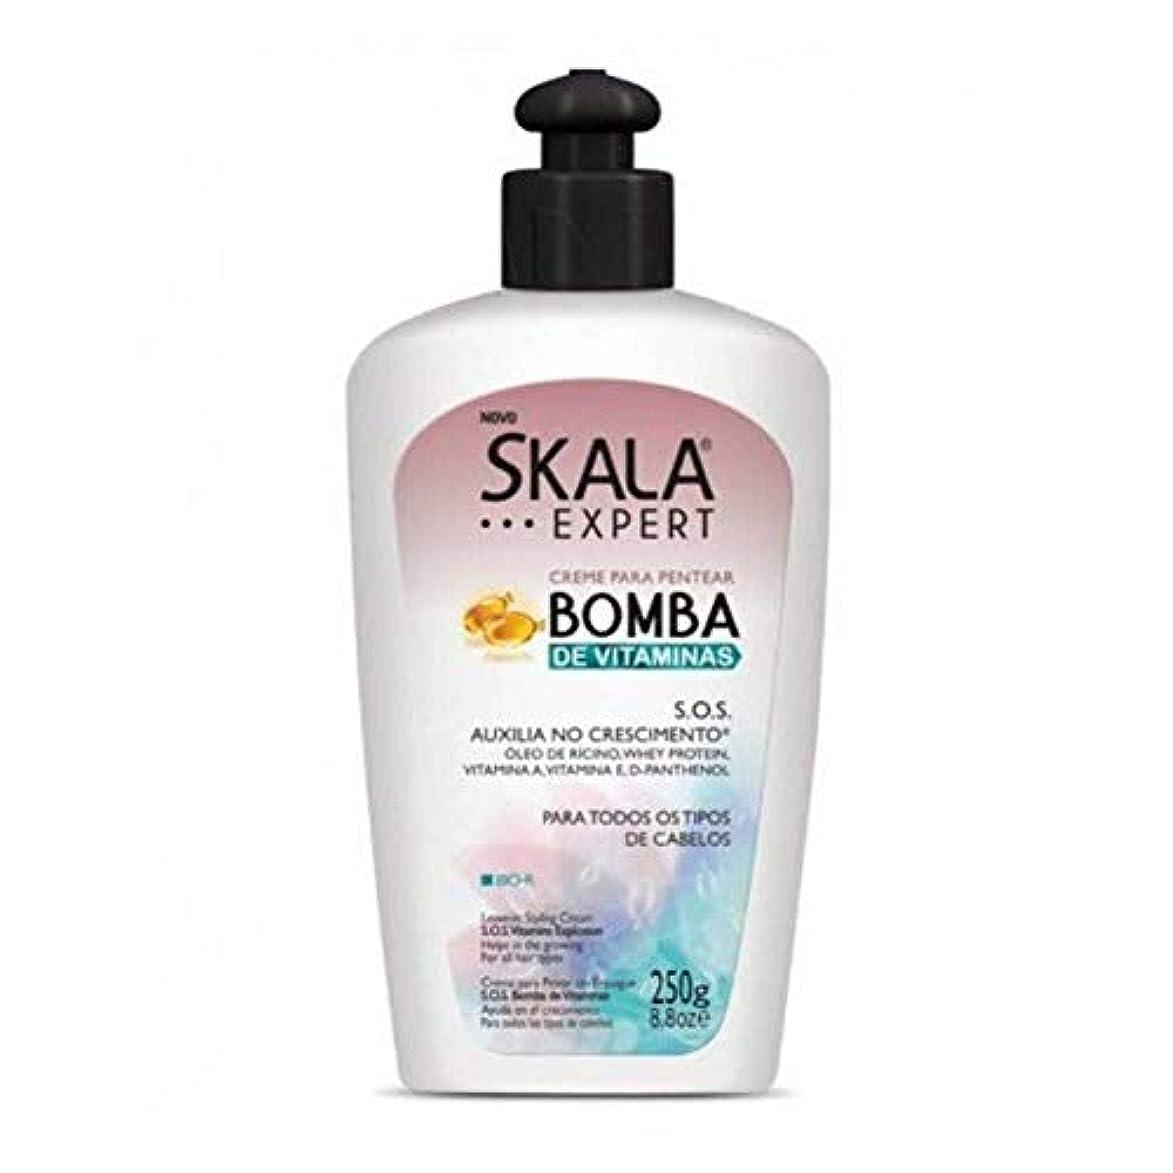 完全に乾く補助識別するSKALA EXPERT スカラ エクスパート ビタミン成分配合 スタイリング剤 250g